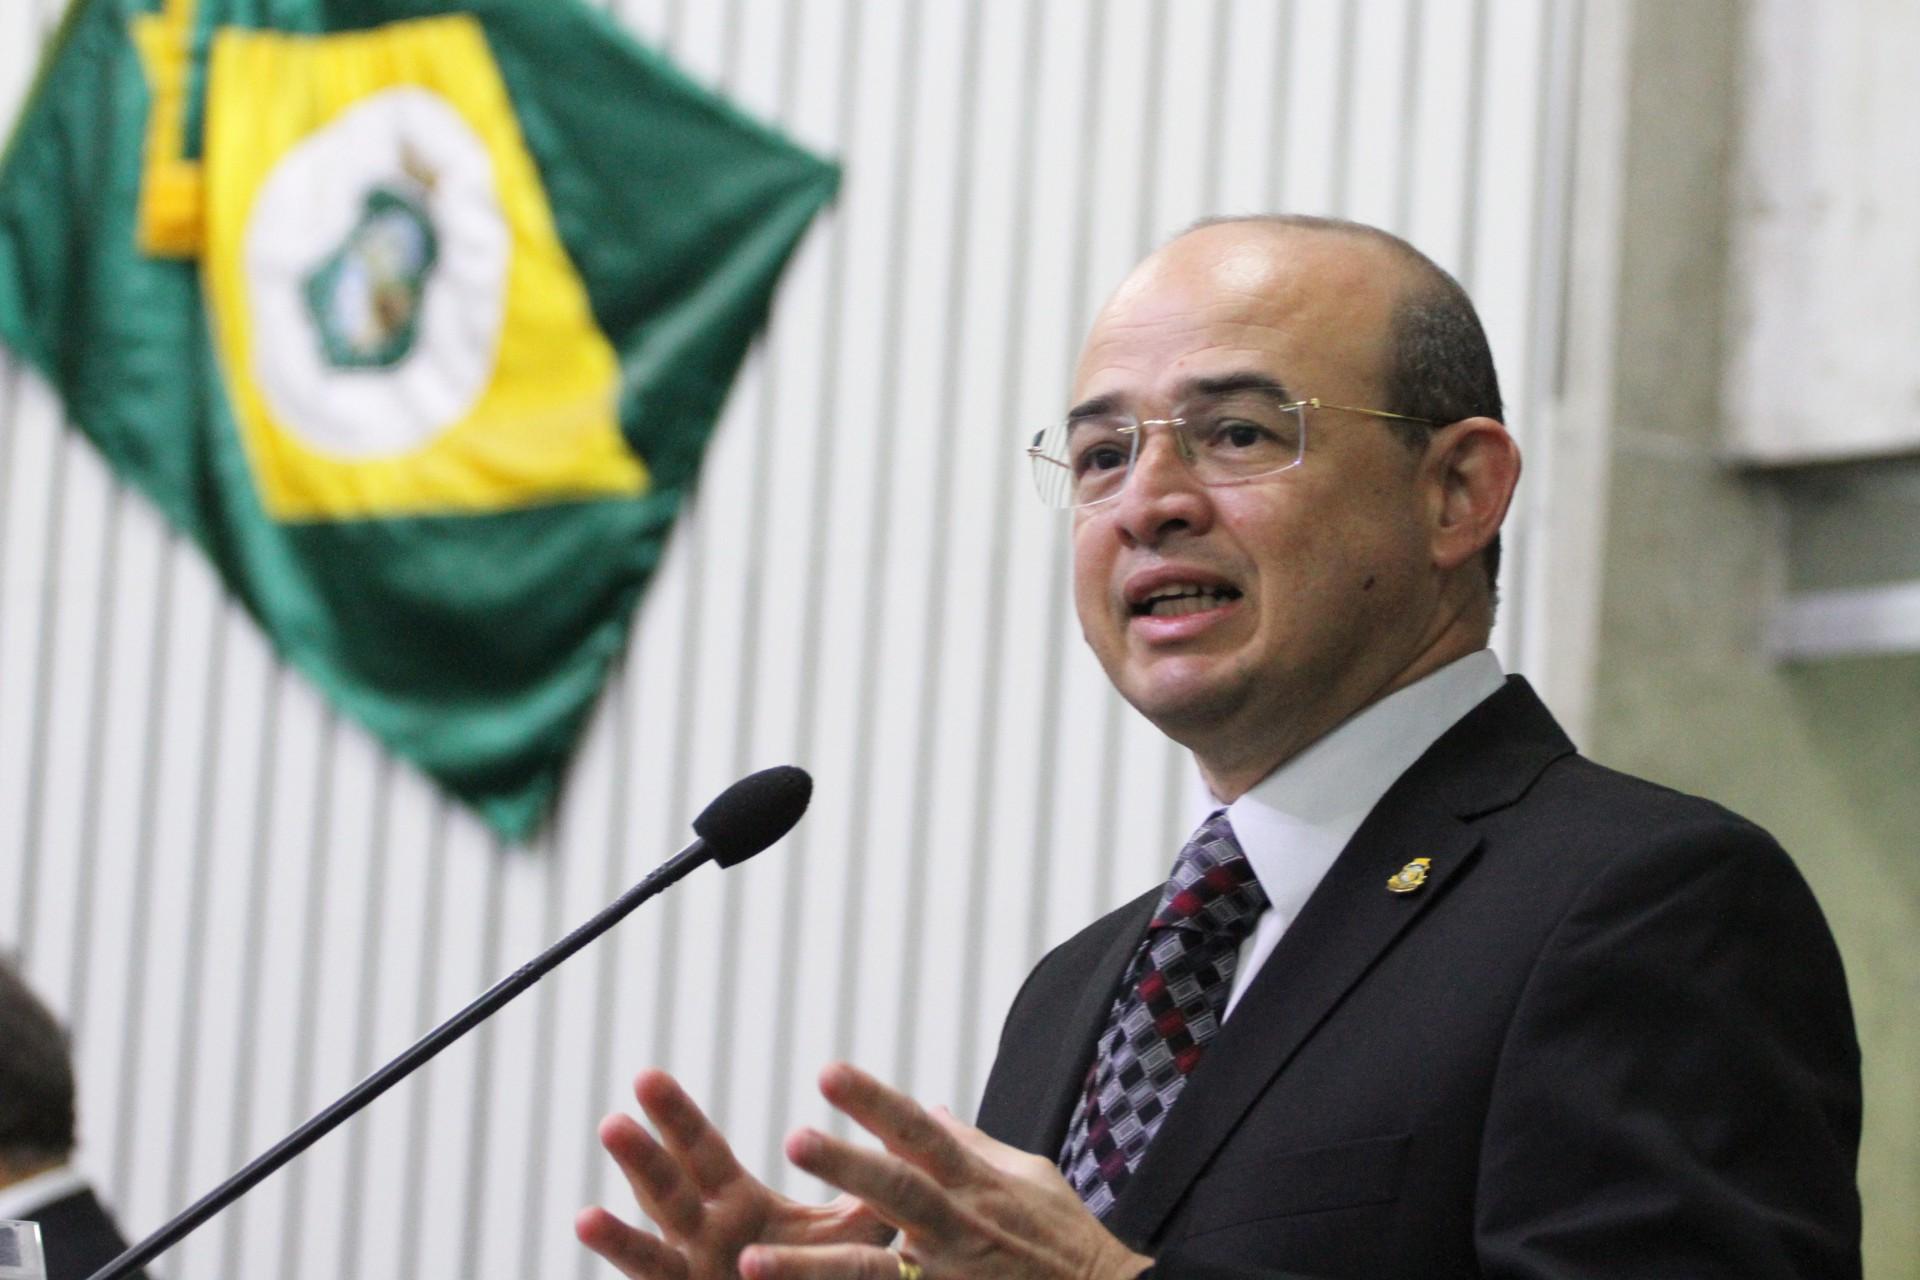 Sérgio Aguiar busca nomes para suceder a atual prefeita, Mônica Aguiar, para a disputa pela Prefeitura de Camocim. Mônica também é esposa de Sérgio